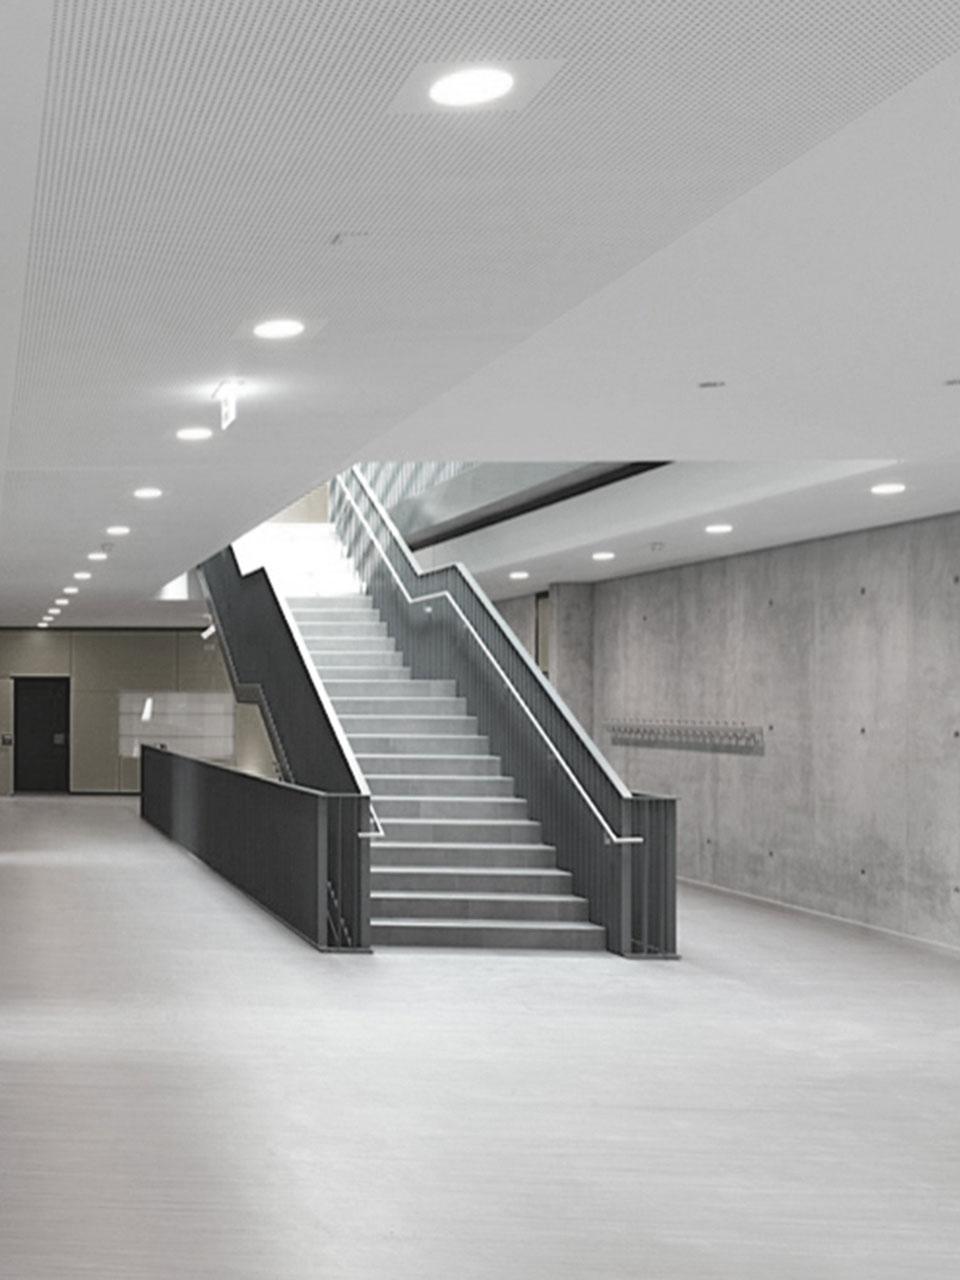 Umbau und Erweiterung Realschulen am Neckar Nürtingen, Foyer